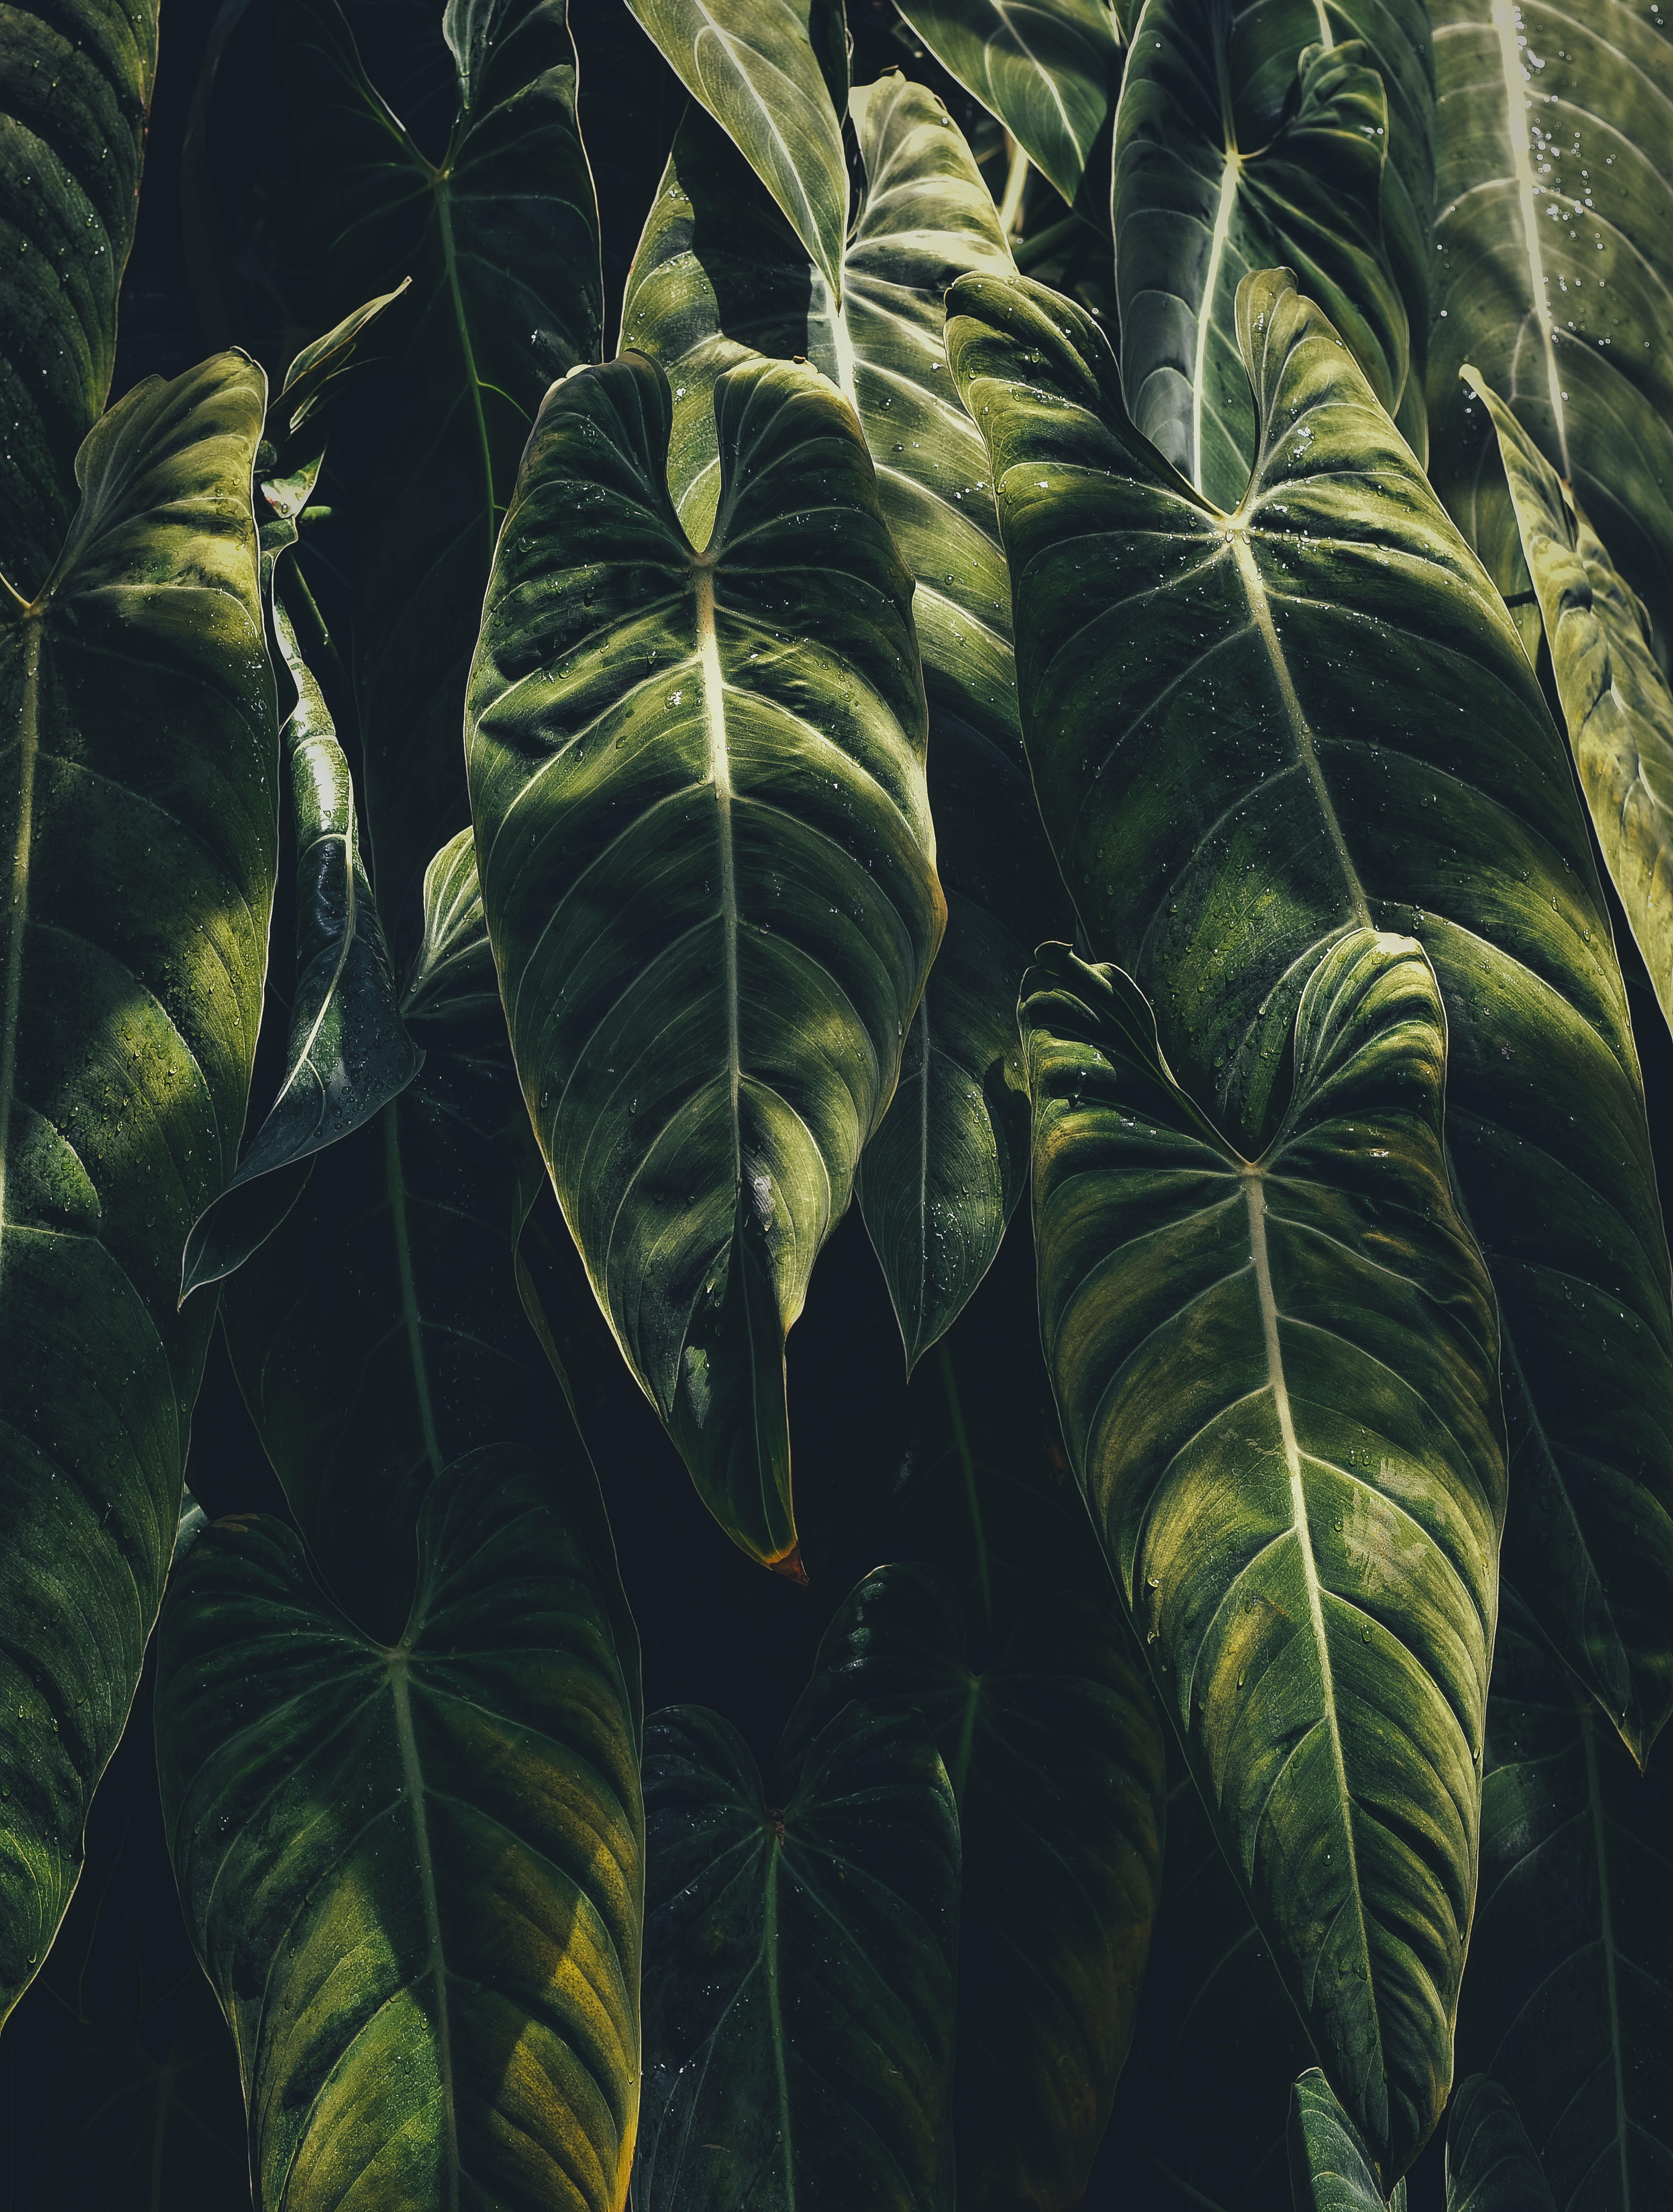 Leafe, plant, leaf and greenery HD photo by Annie Spratt